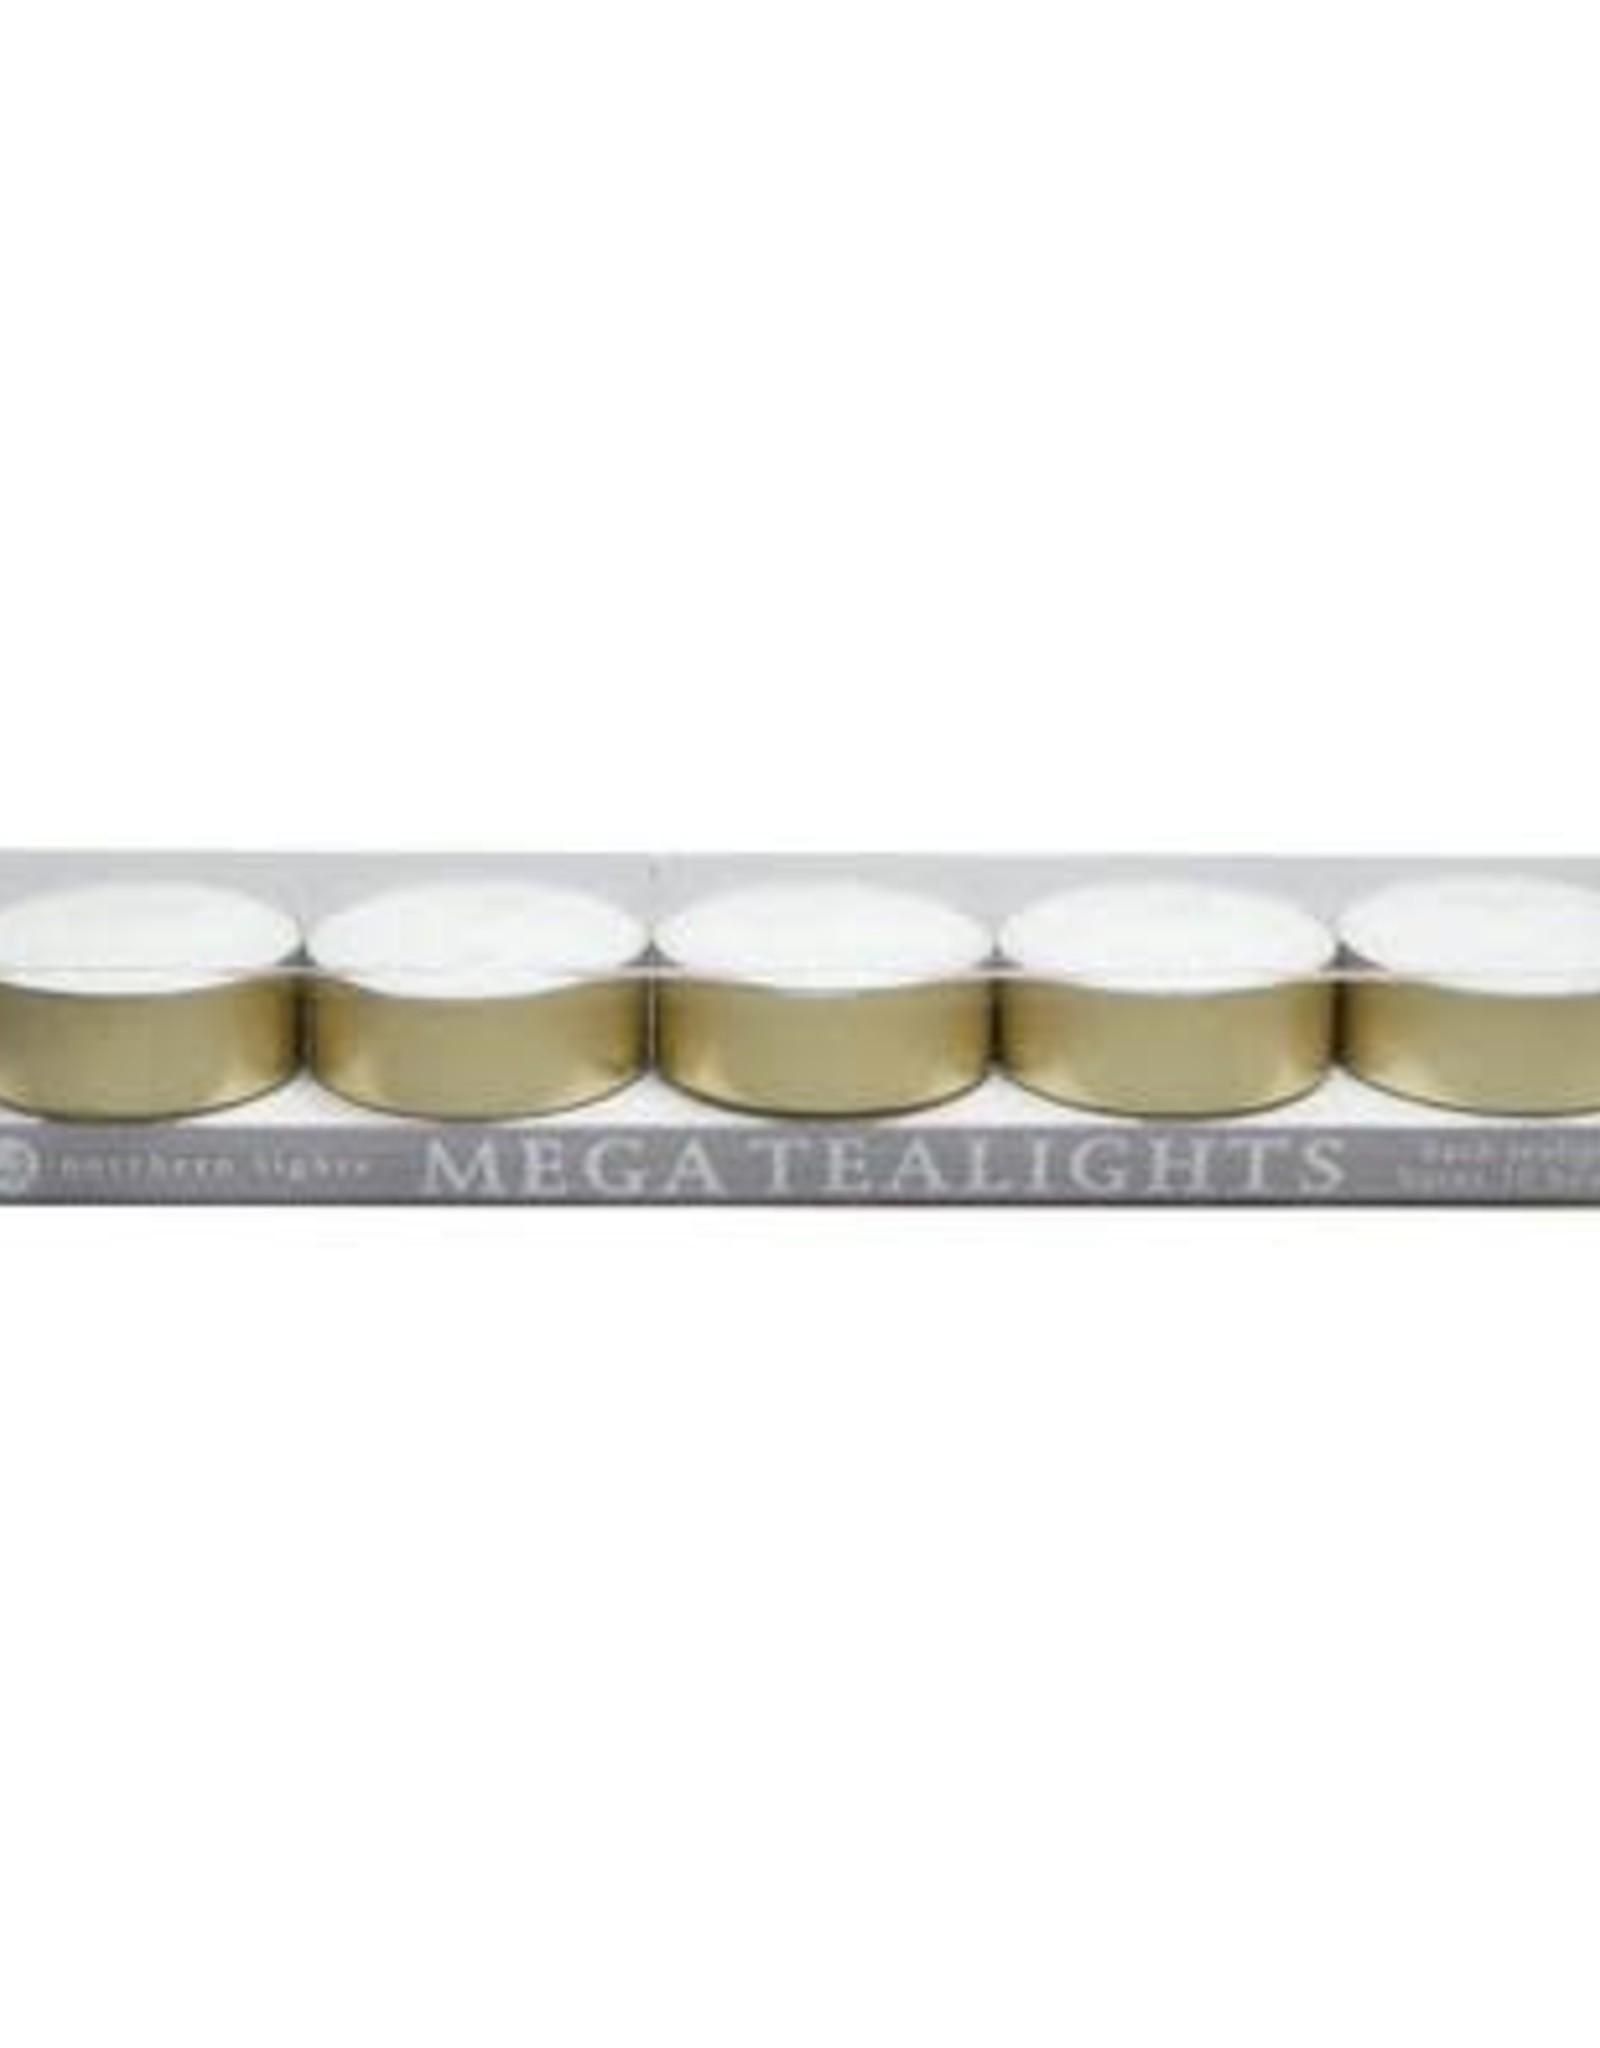 Northern Lights Northern Lights   Mega Tealights (5 pack)